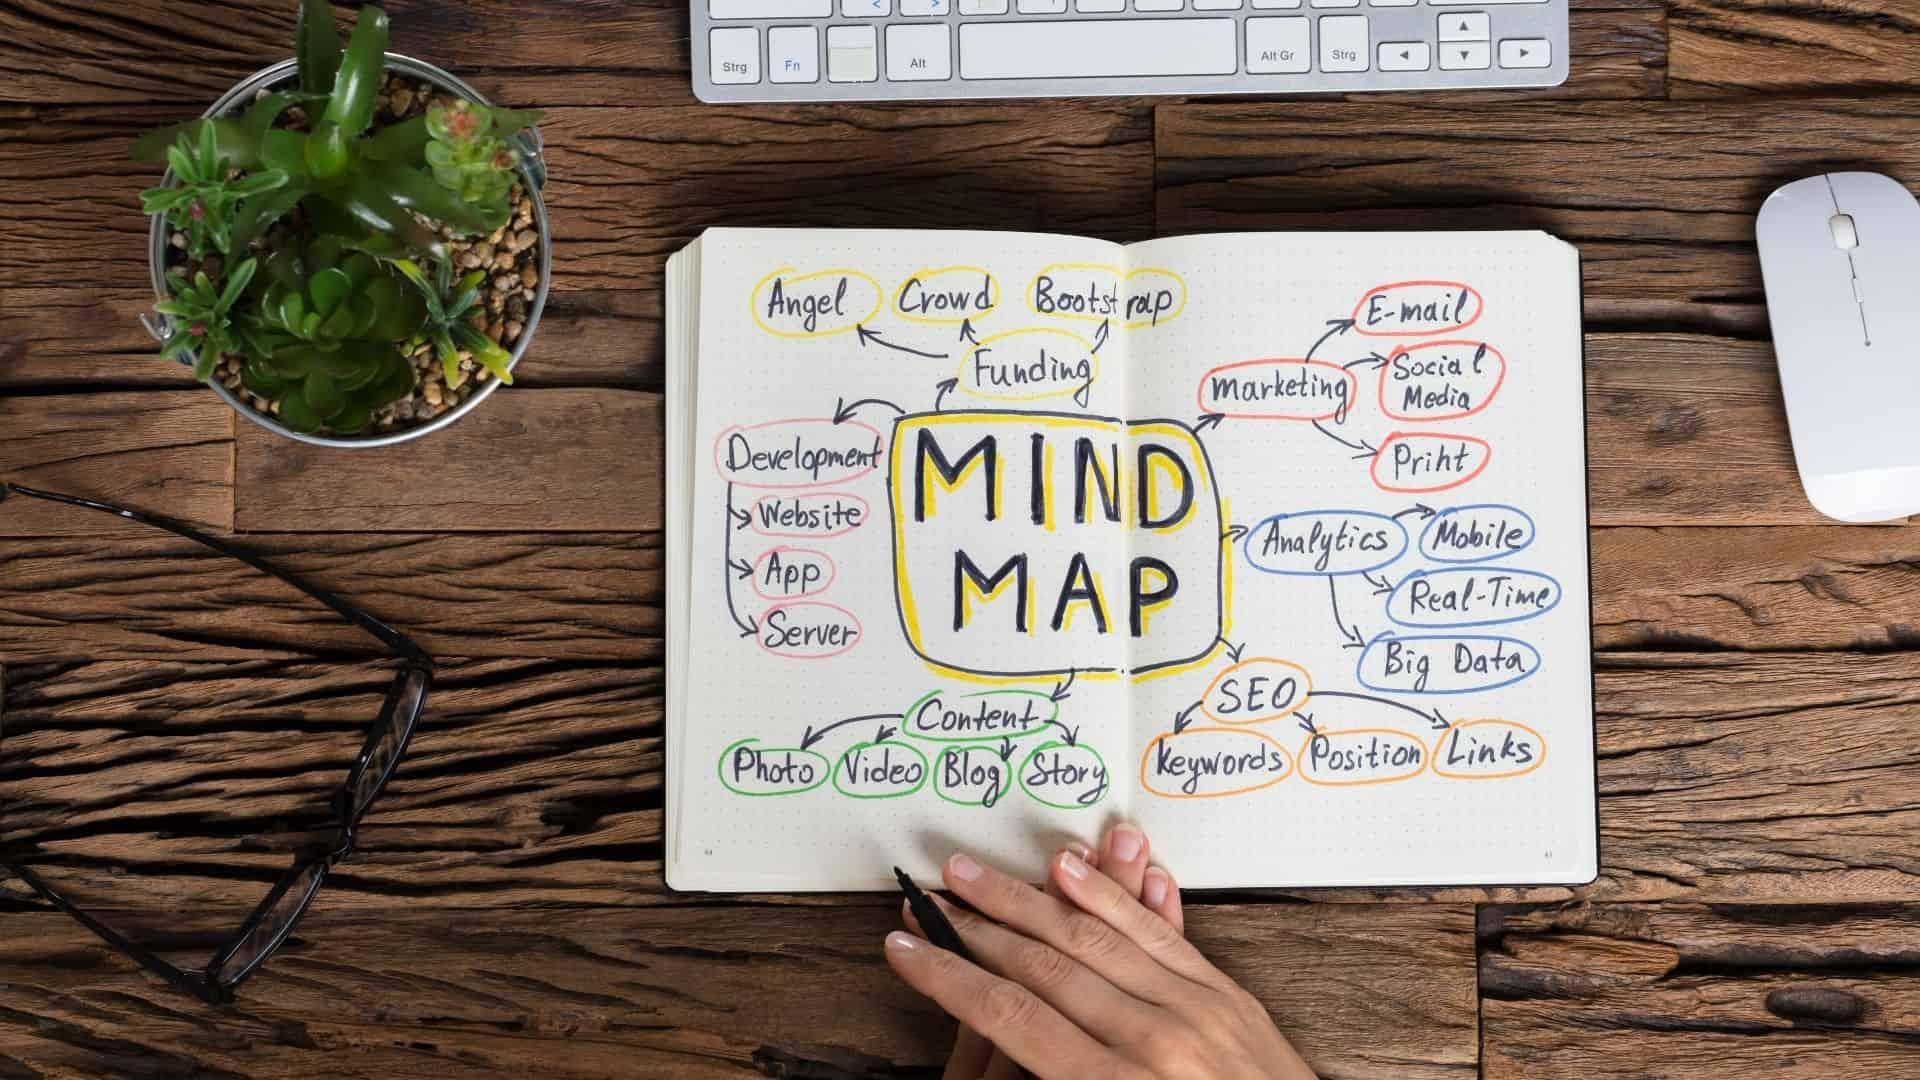 a mind map in a notebook